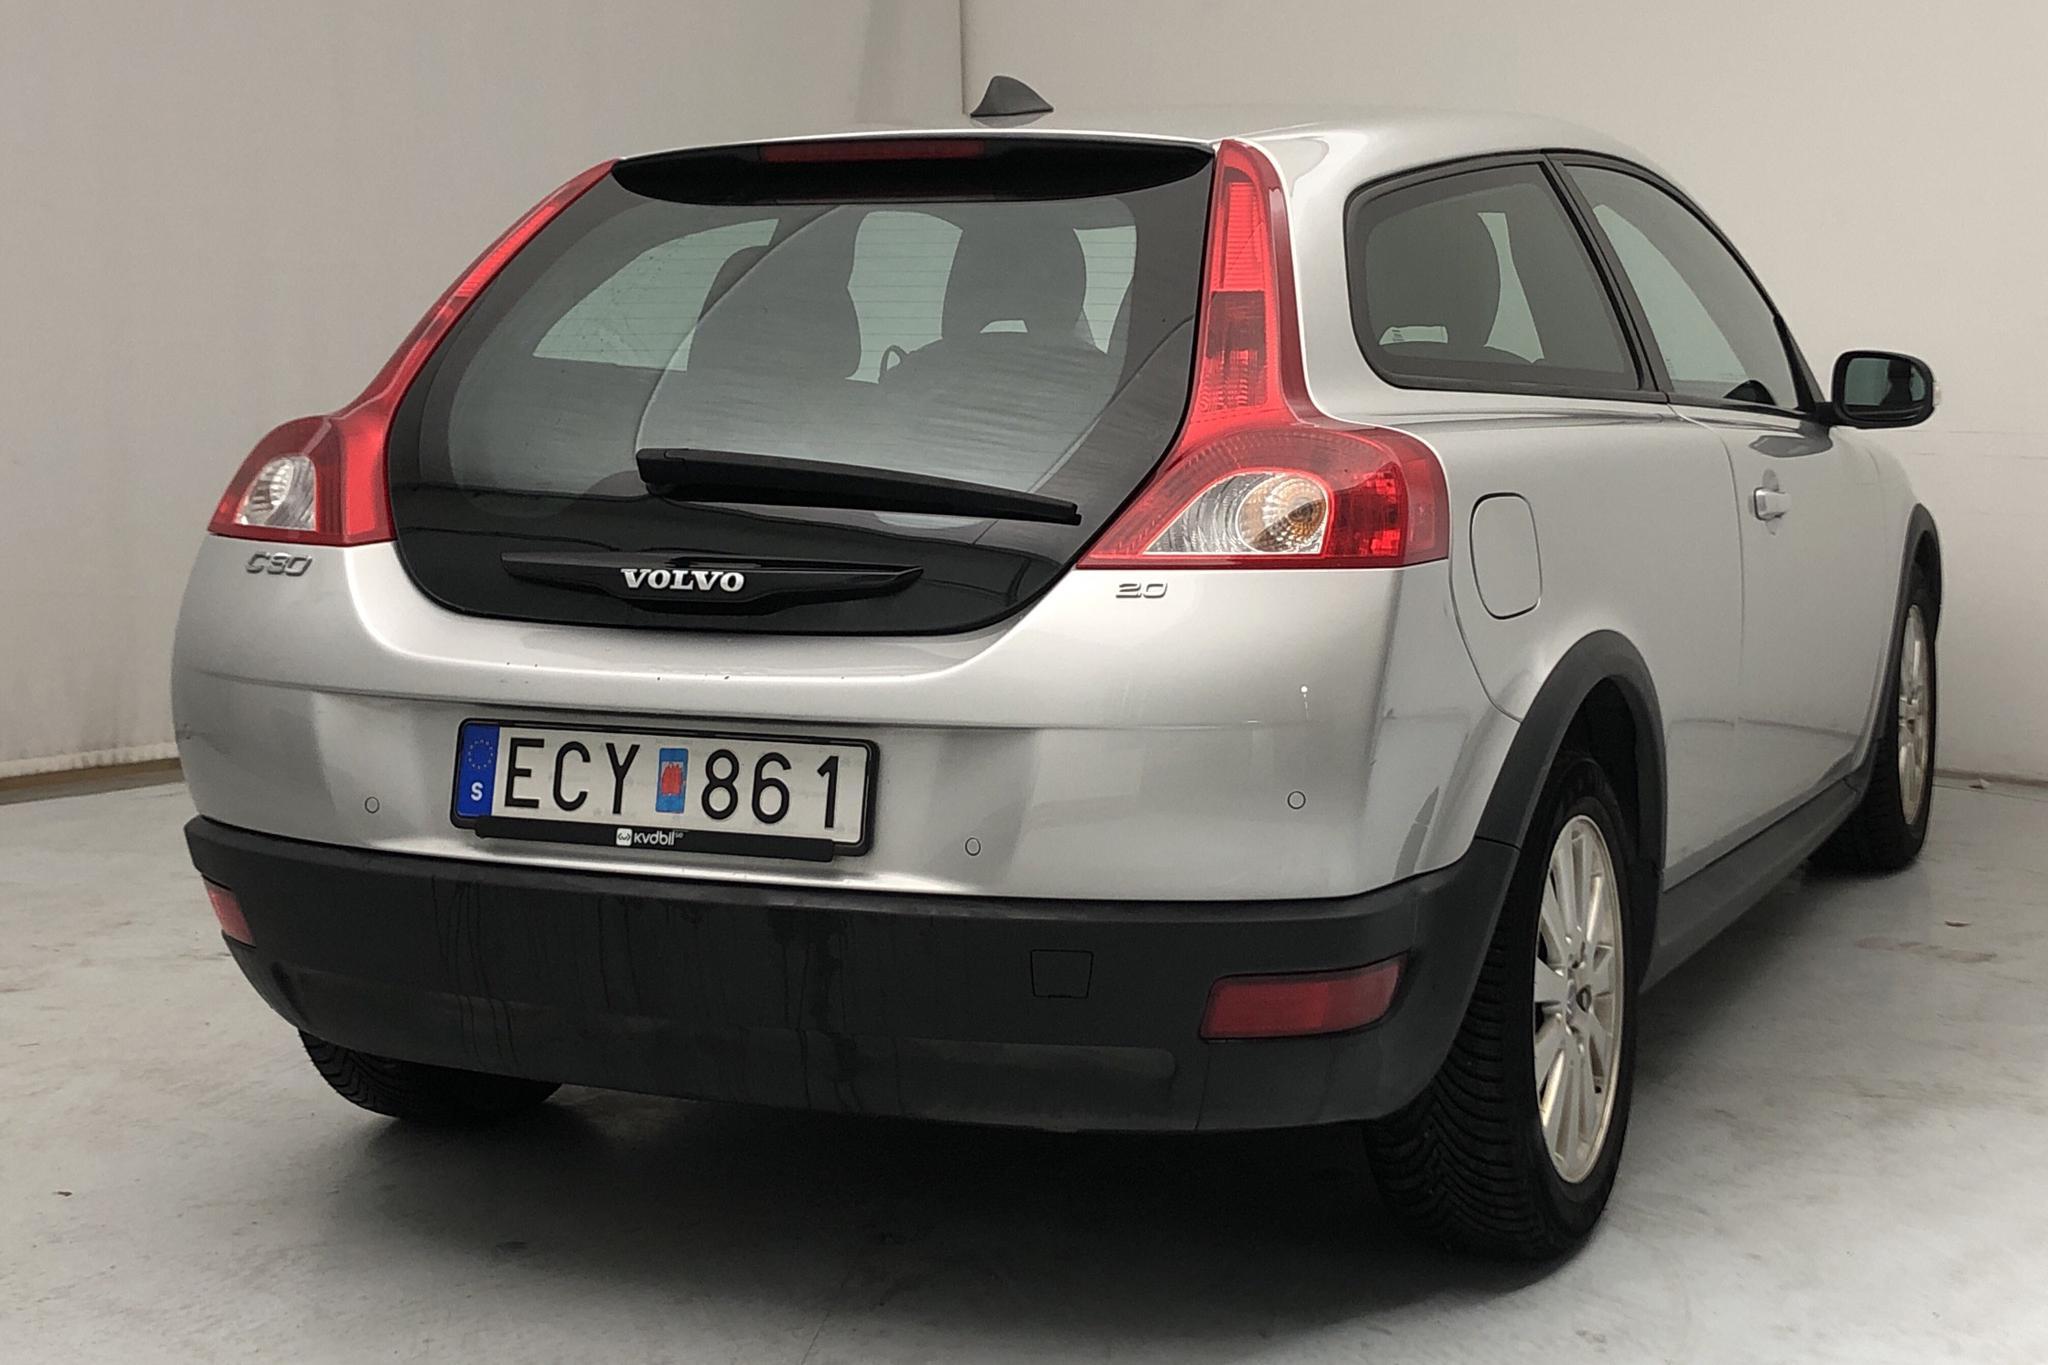 Volvo C30 2.0 (145hk) - 95 560 km - Manual - Light Grey - 2007